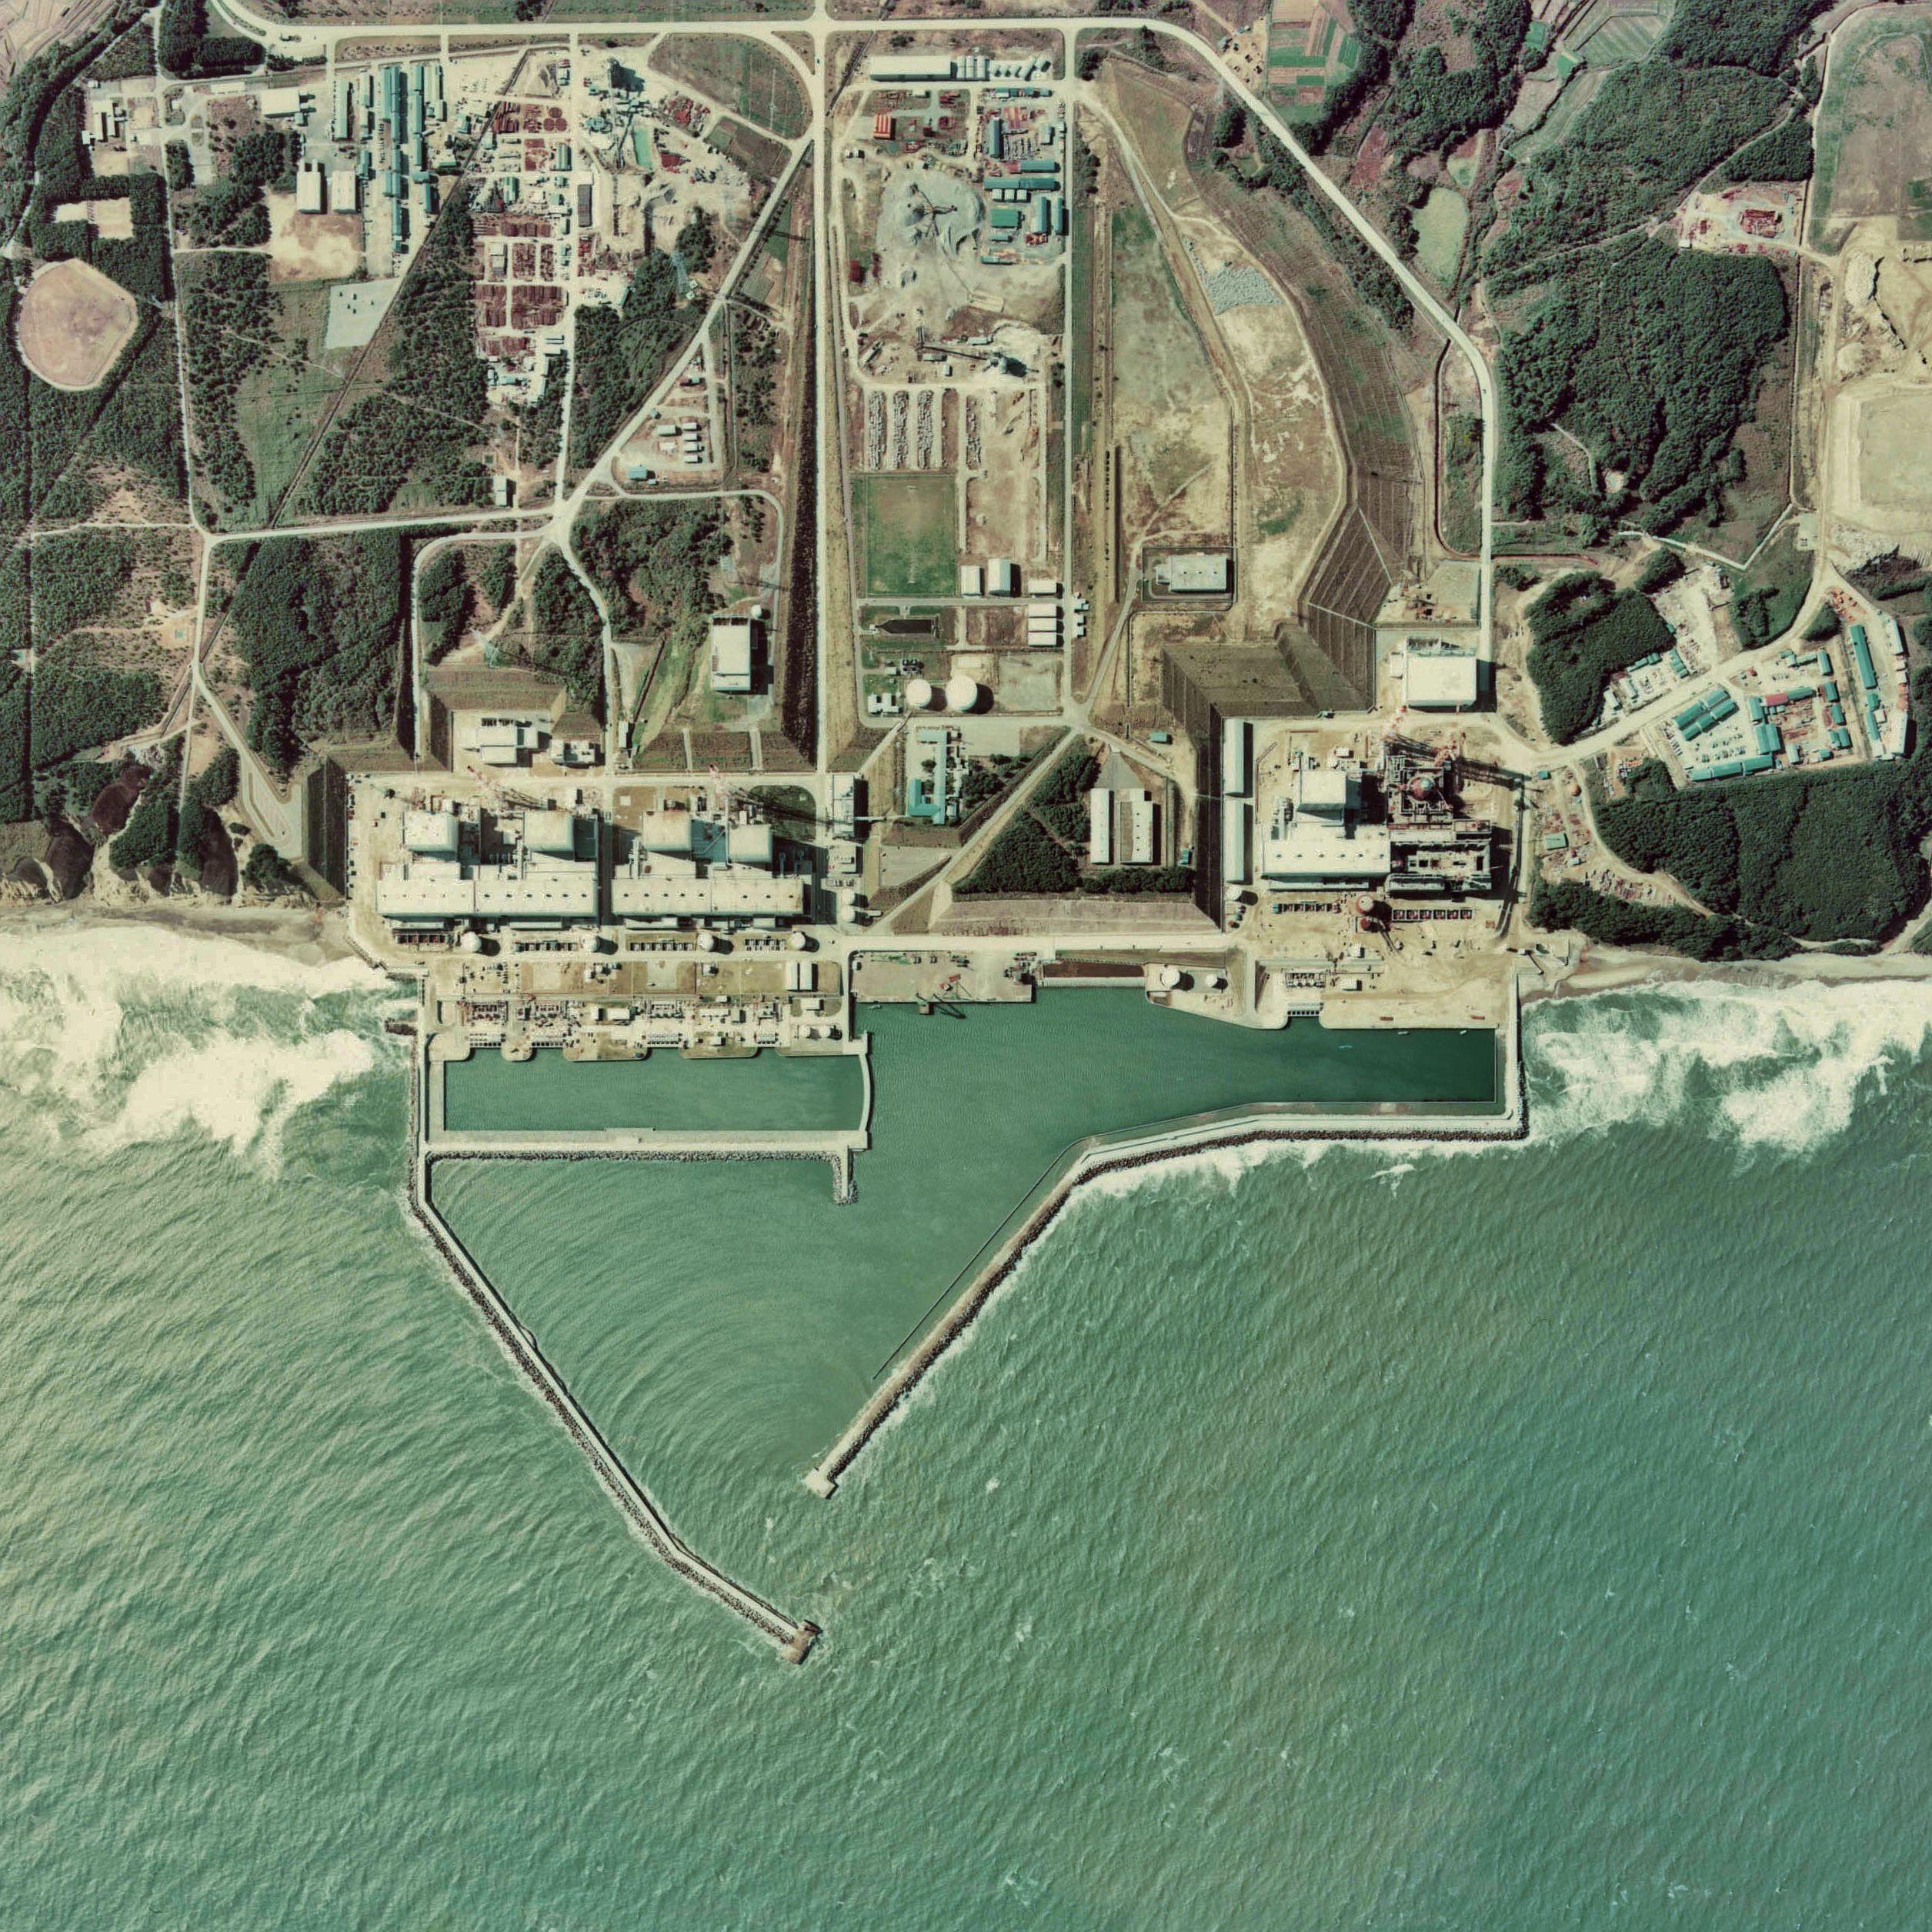 Vista aérea de Fukushima I (Foto: Wikimedia Commons)